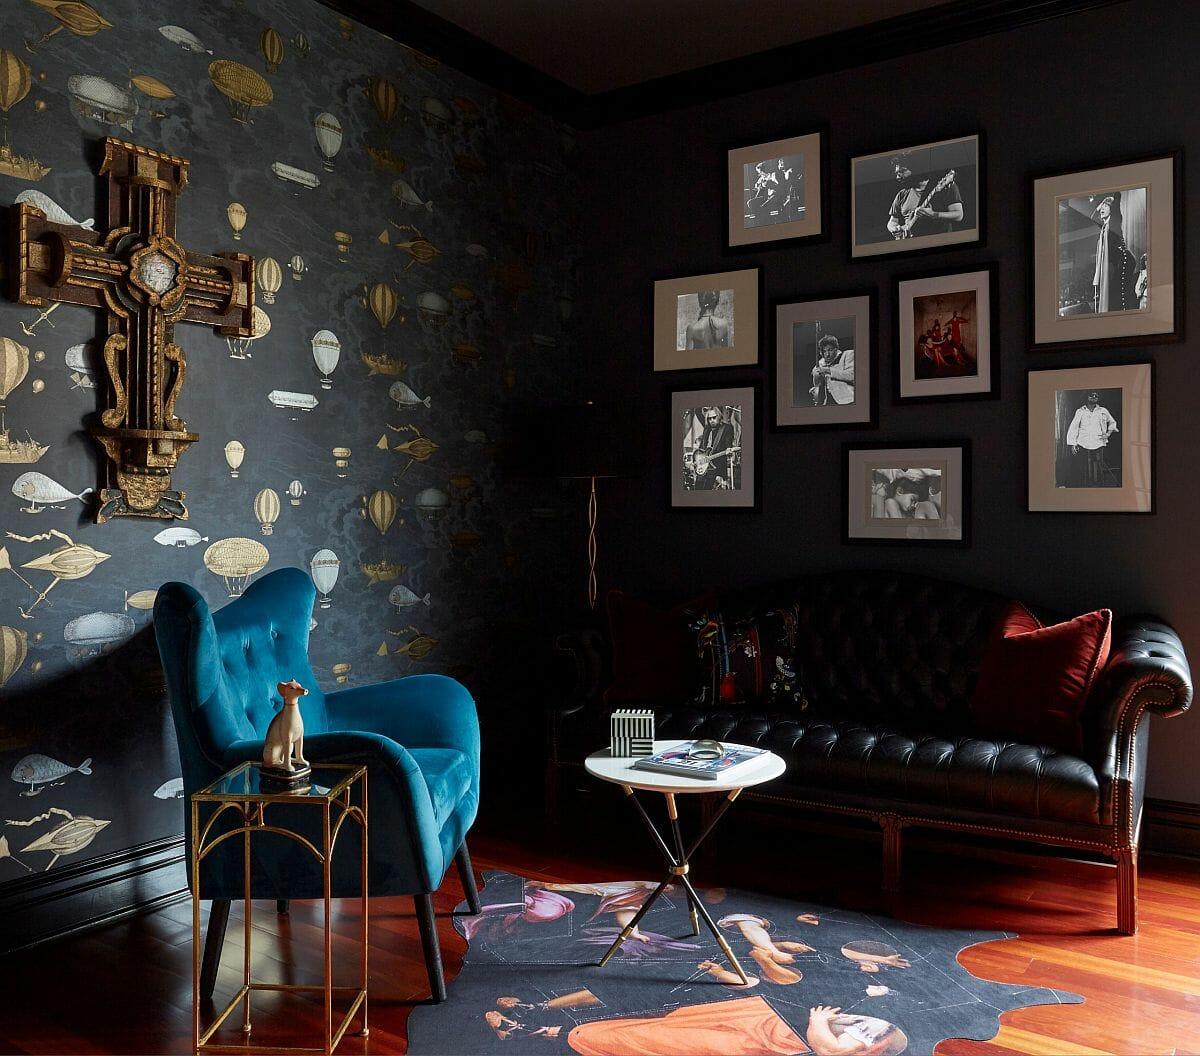 hình ảnh mẫu phòng khách phong cách chiết trung ấn tượng với giấy dán tường họa tiết vàng, ghế bành màu xanh da trời